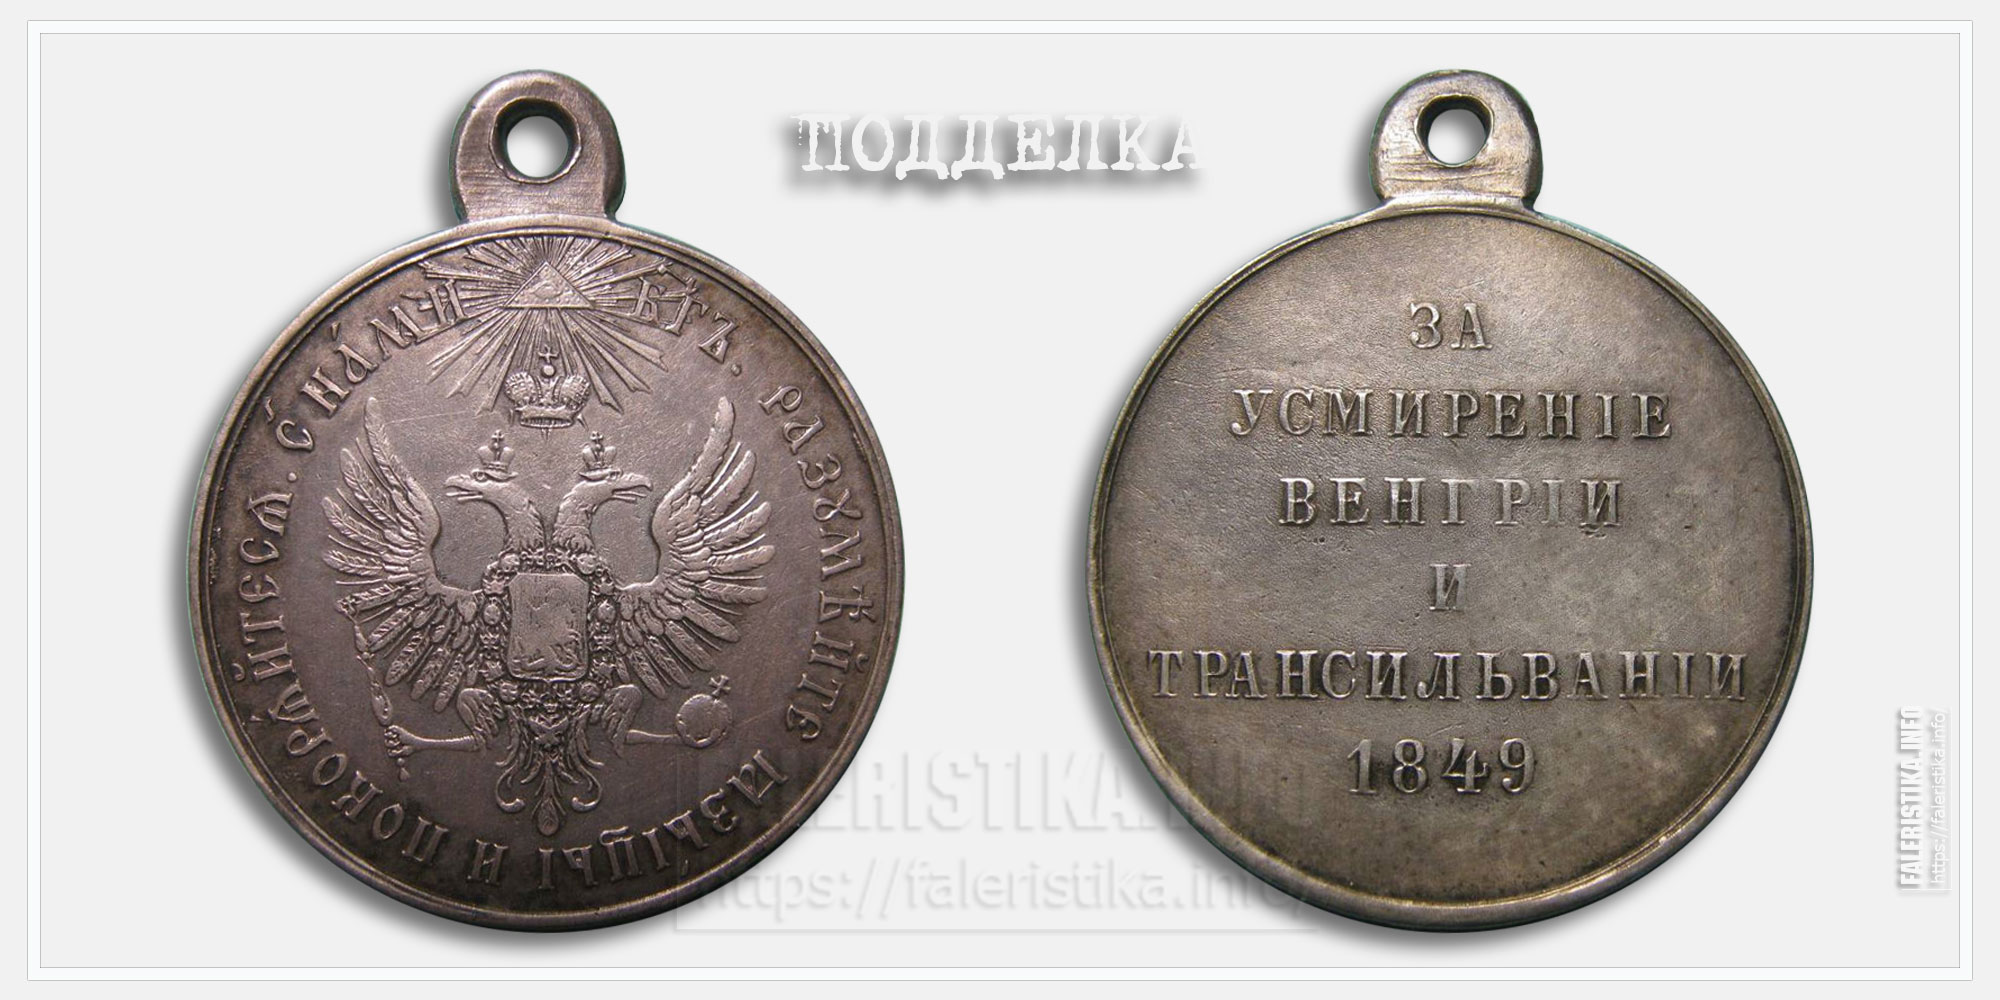 Медаль «За усмирение Венгрии и Трансильвании 1849» (копия)